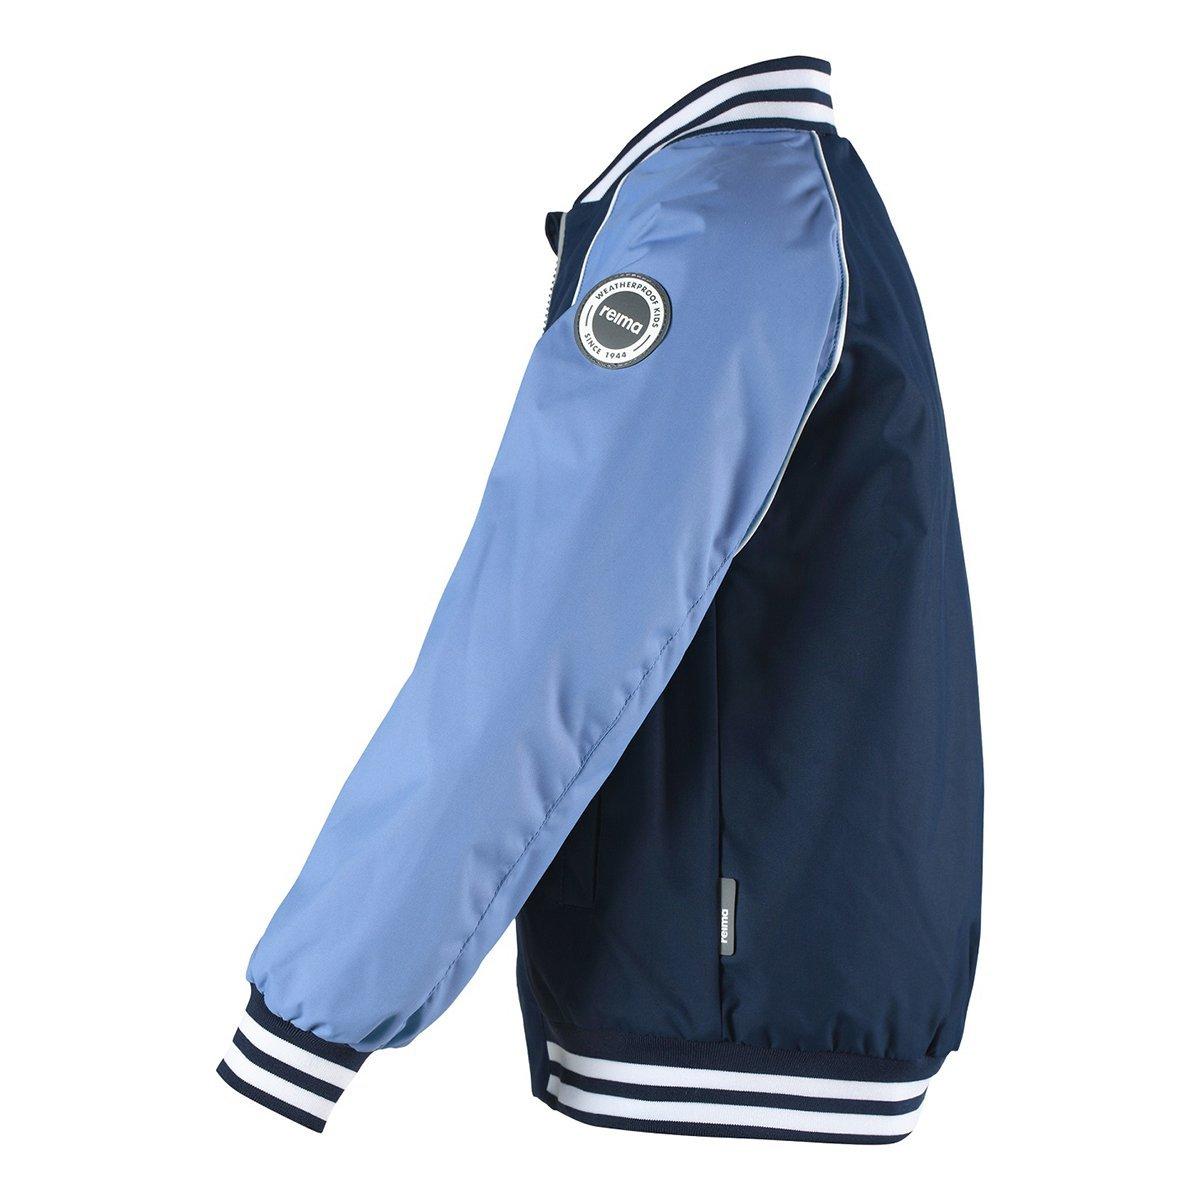 Купить Верхняя одежда, Куртка Reima Aarre, р. 164 531385R-6980 ТМ: REIMA, синий